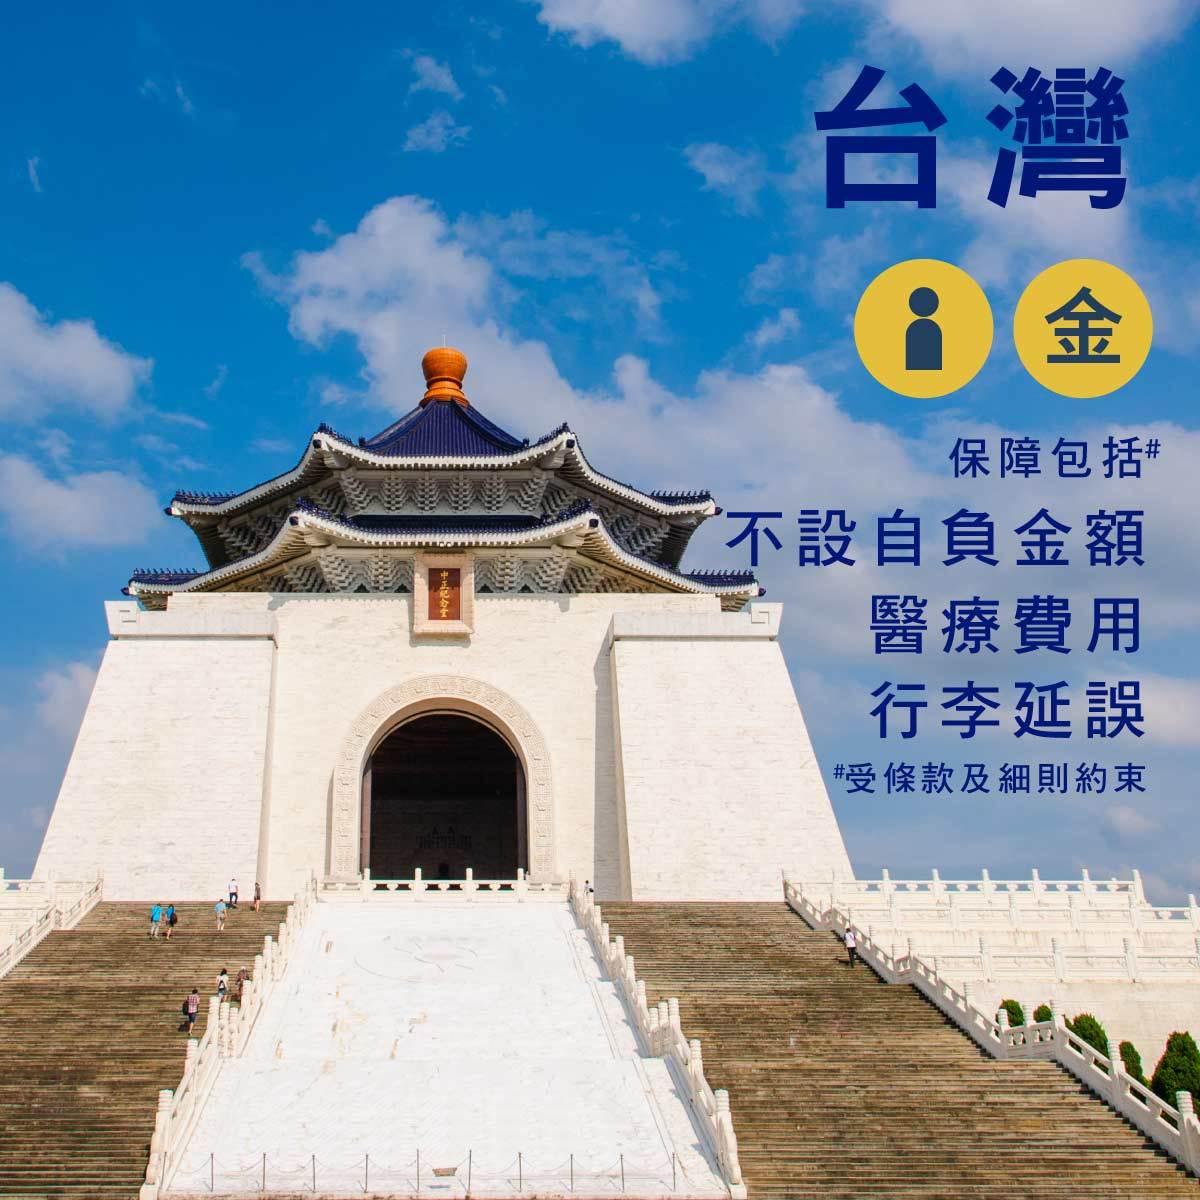 台灣 - 單次個人旅遊保險